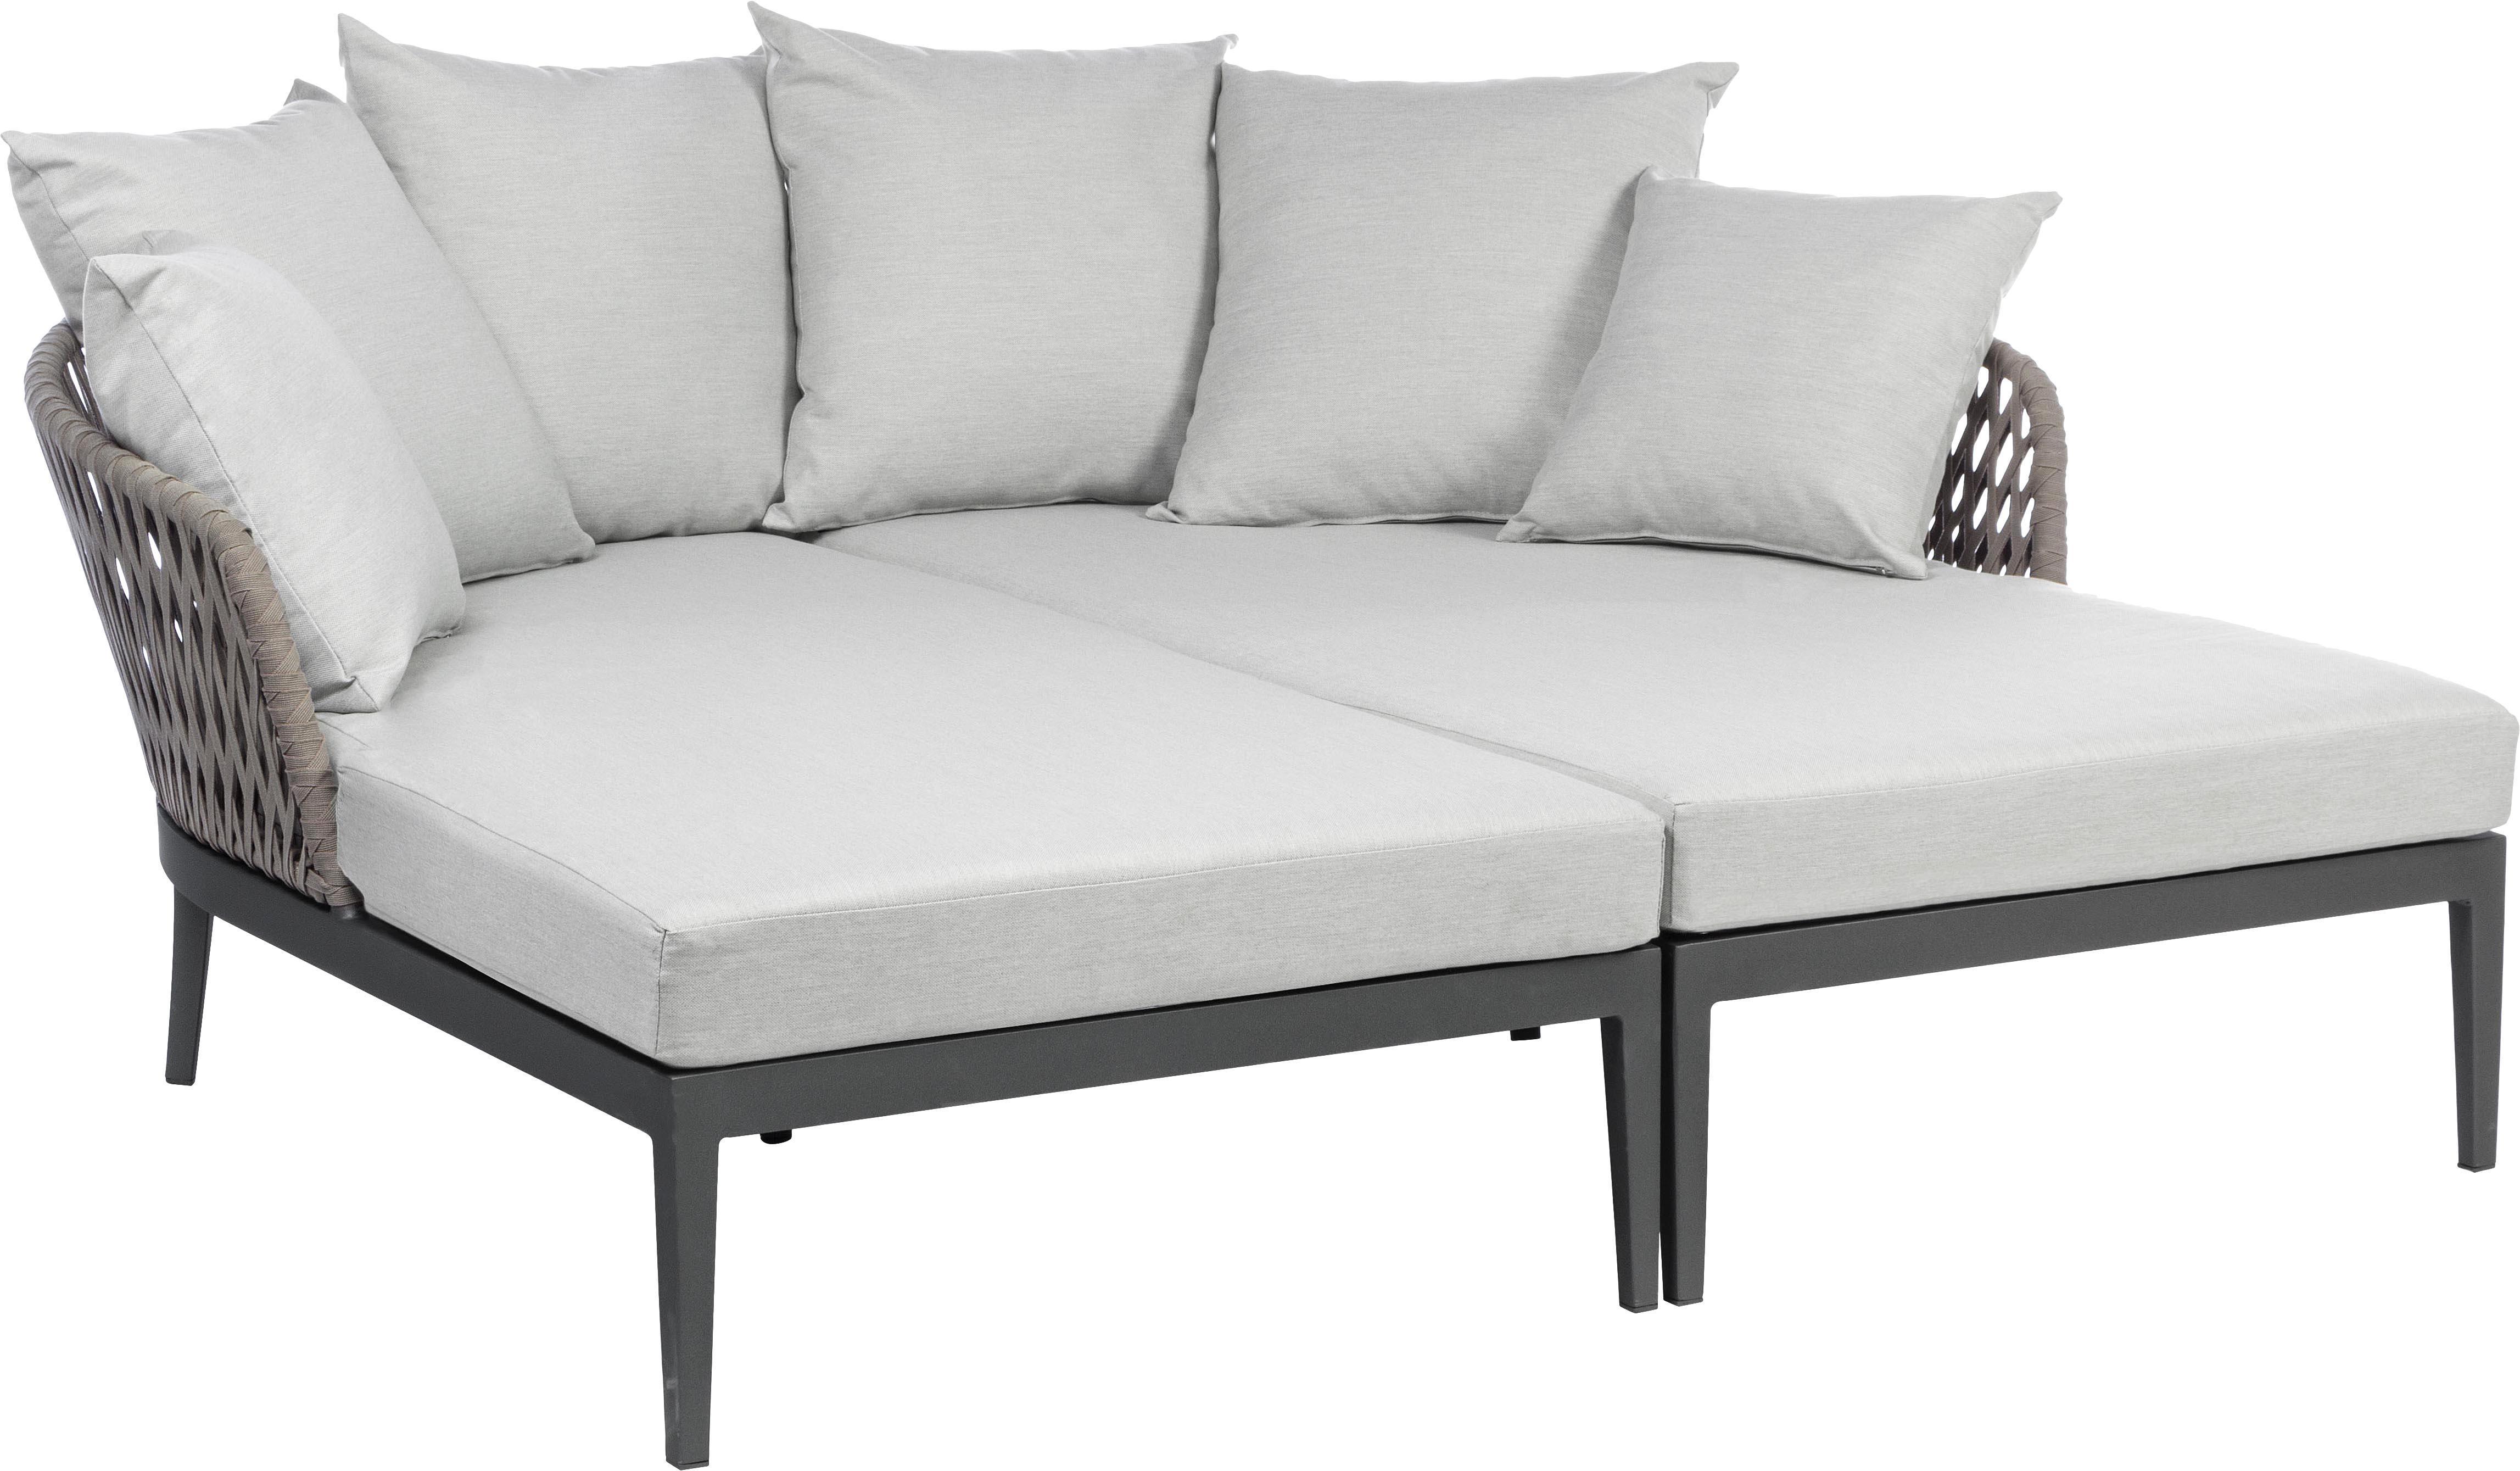 Łóżko ogrodowe Pelican, 2 elem., Antracytowy, szary, S 182 x G 179 cm